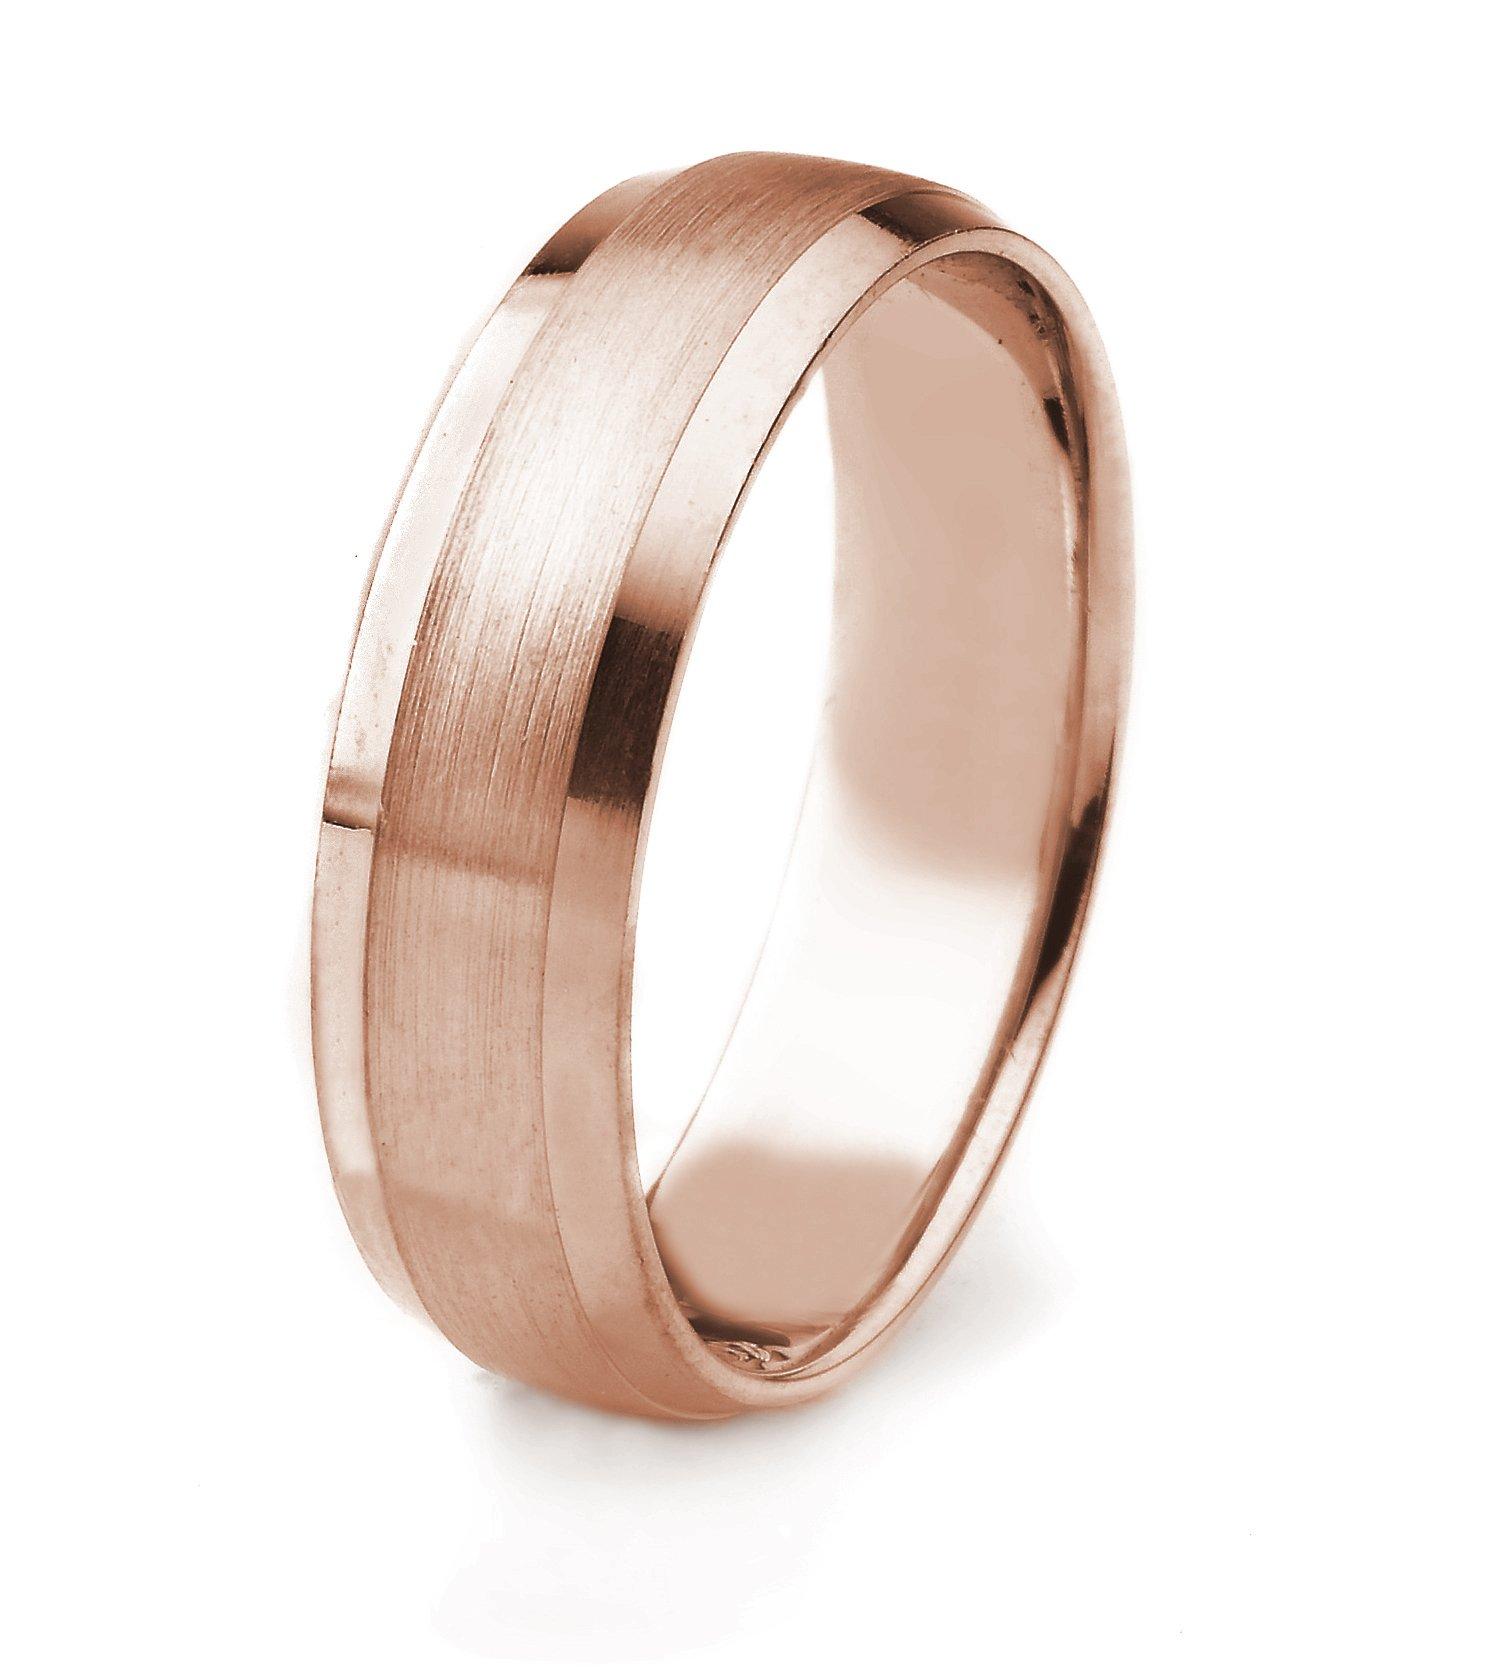 10k Gold Men's Wedding Band with Satin Finish and Polished Beveled Edges Edges (6mm)